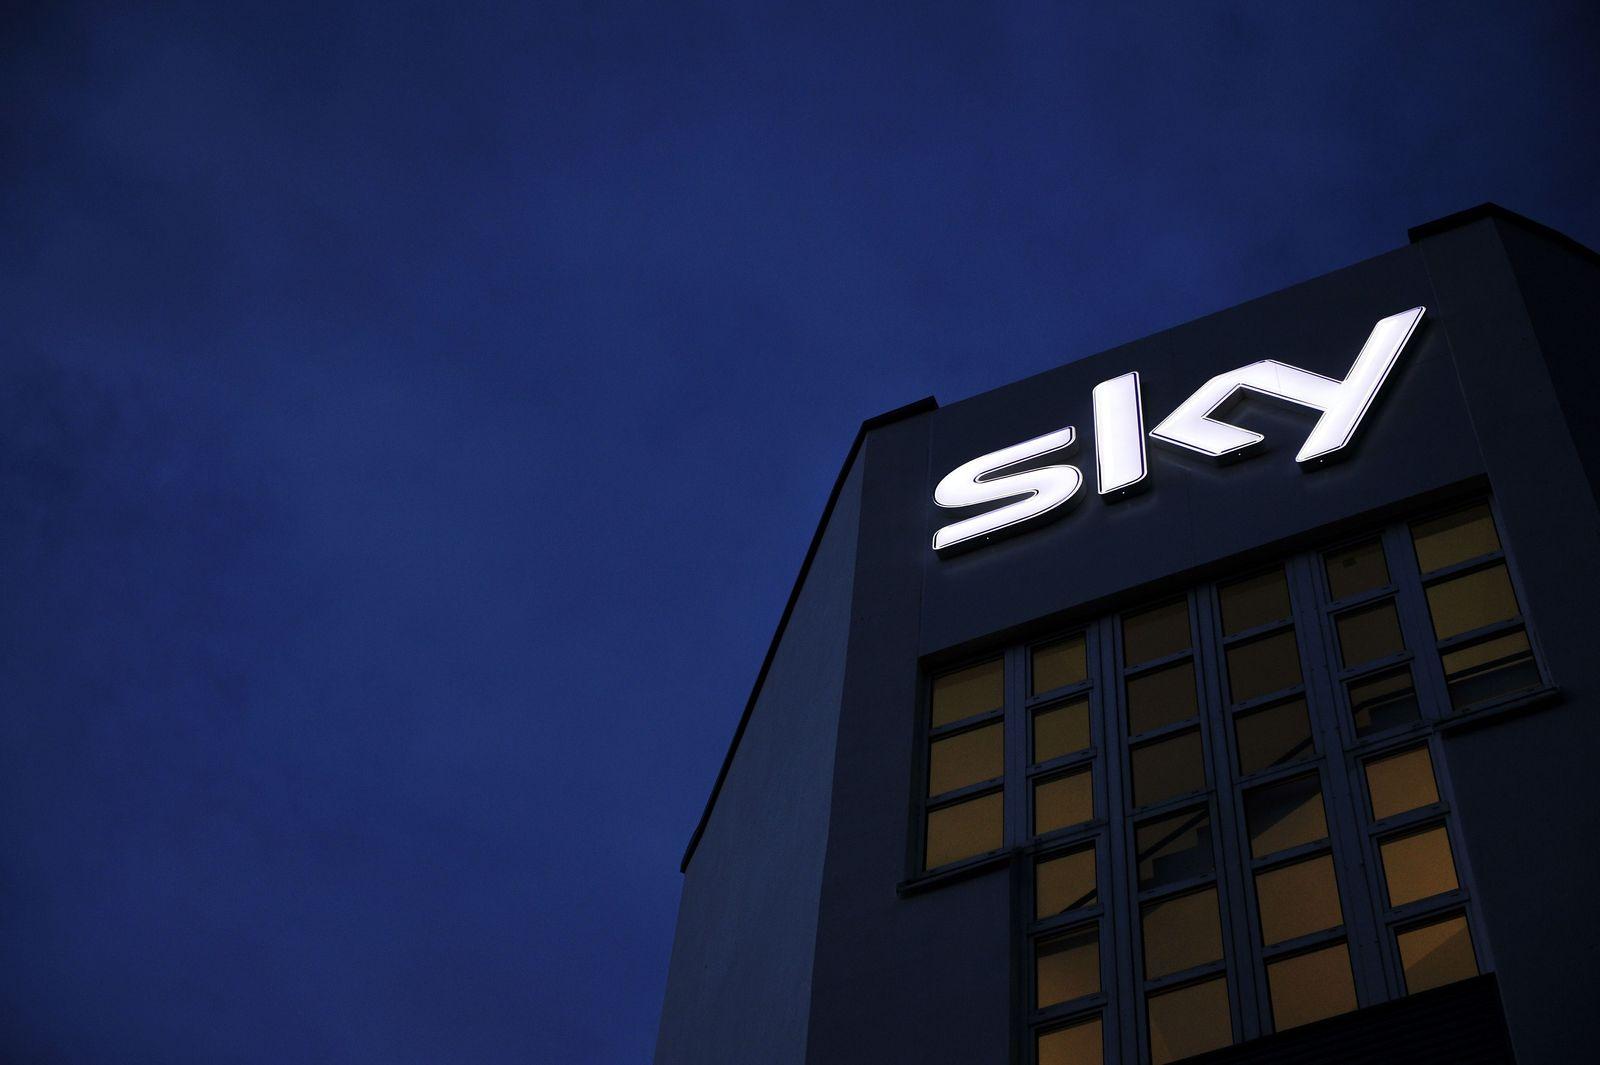 NICHT VERWENDEN Vorschau: Sky Deutschland veroeffentlicht Ergebnis des 2. Quartals